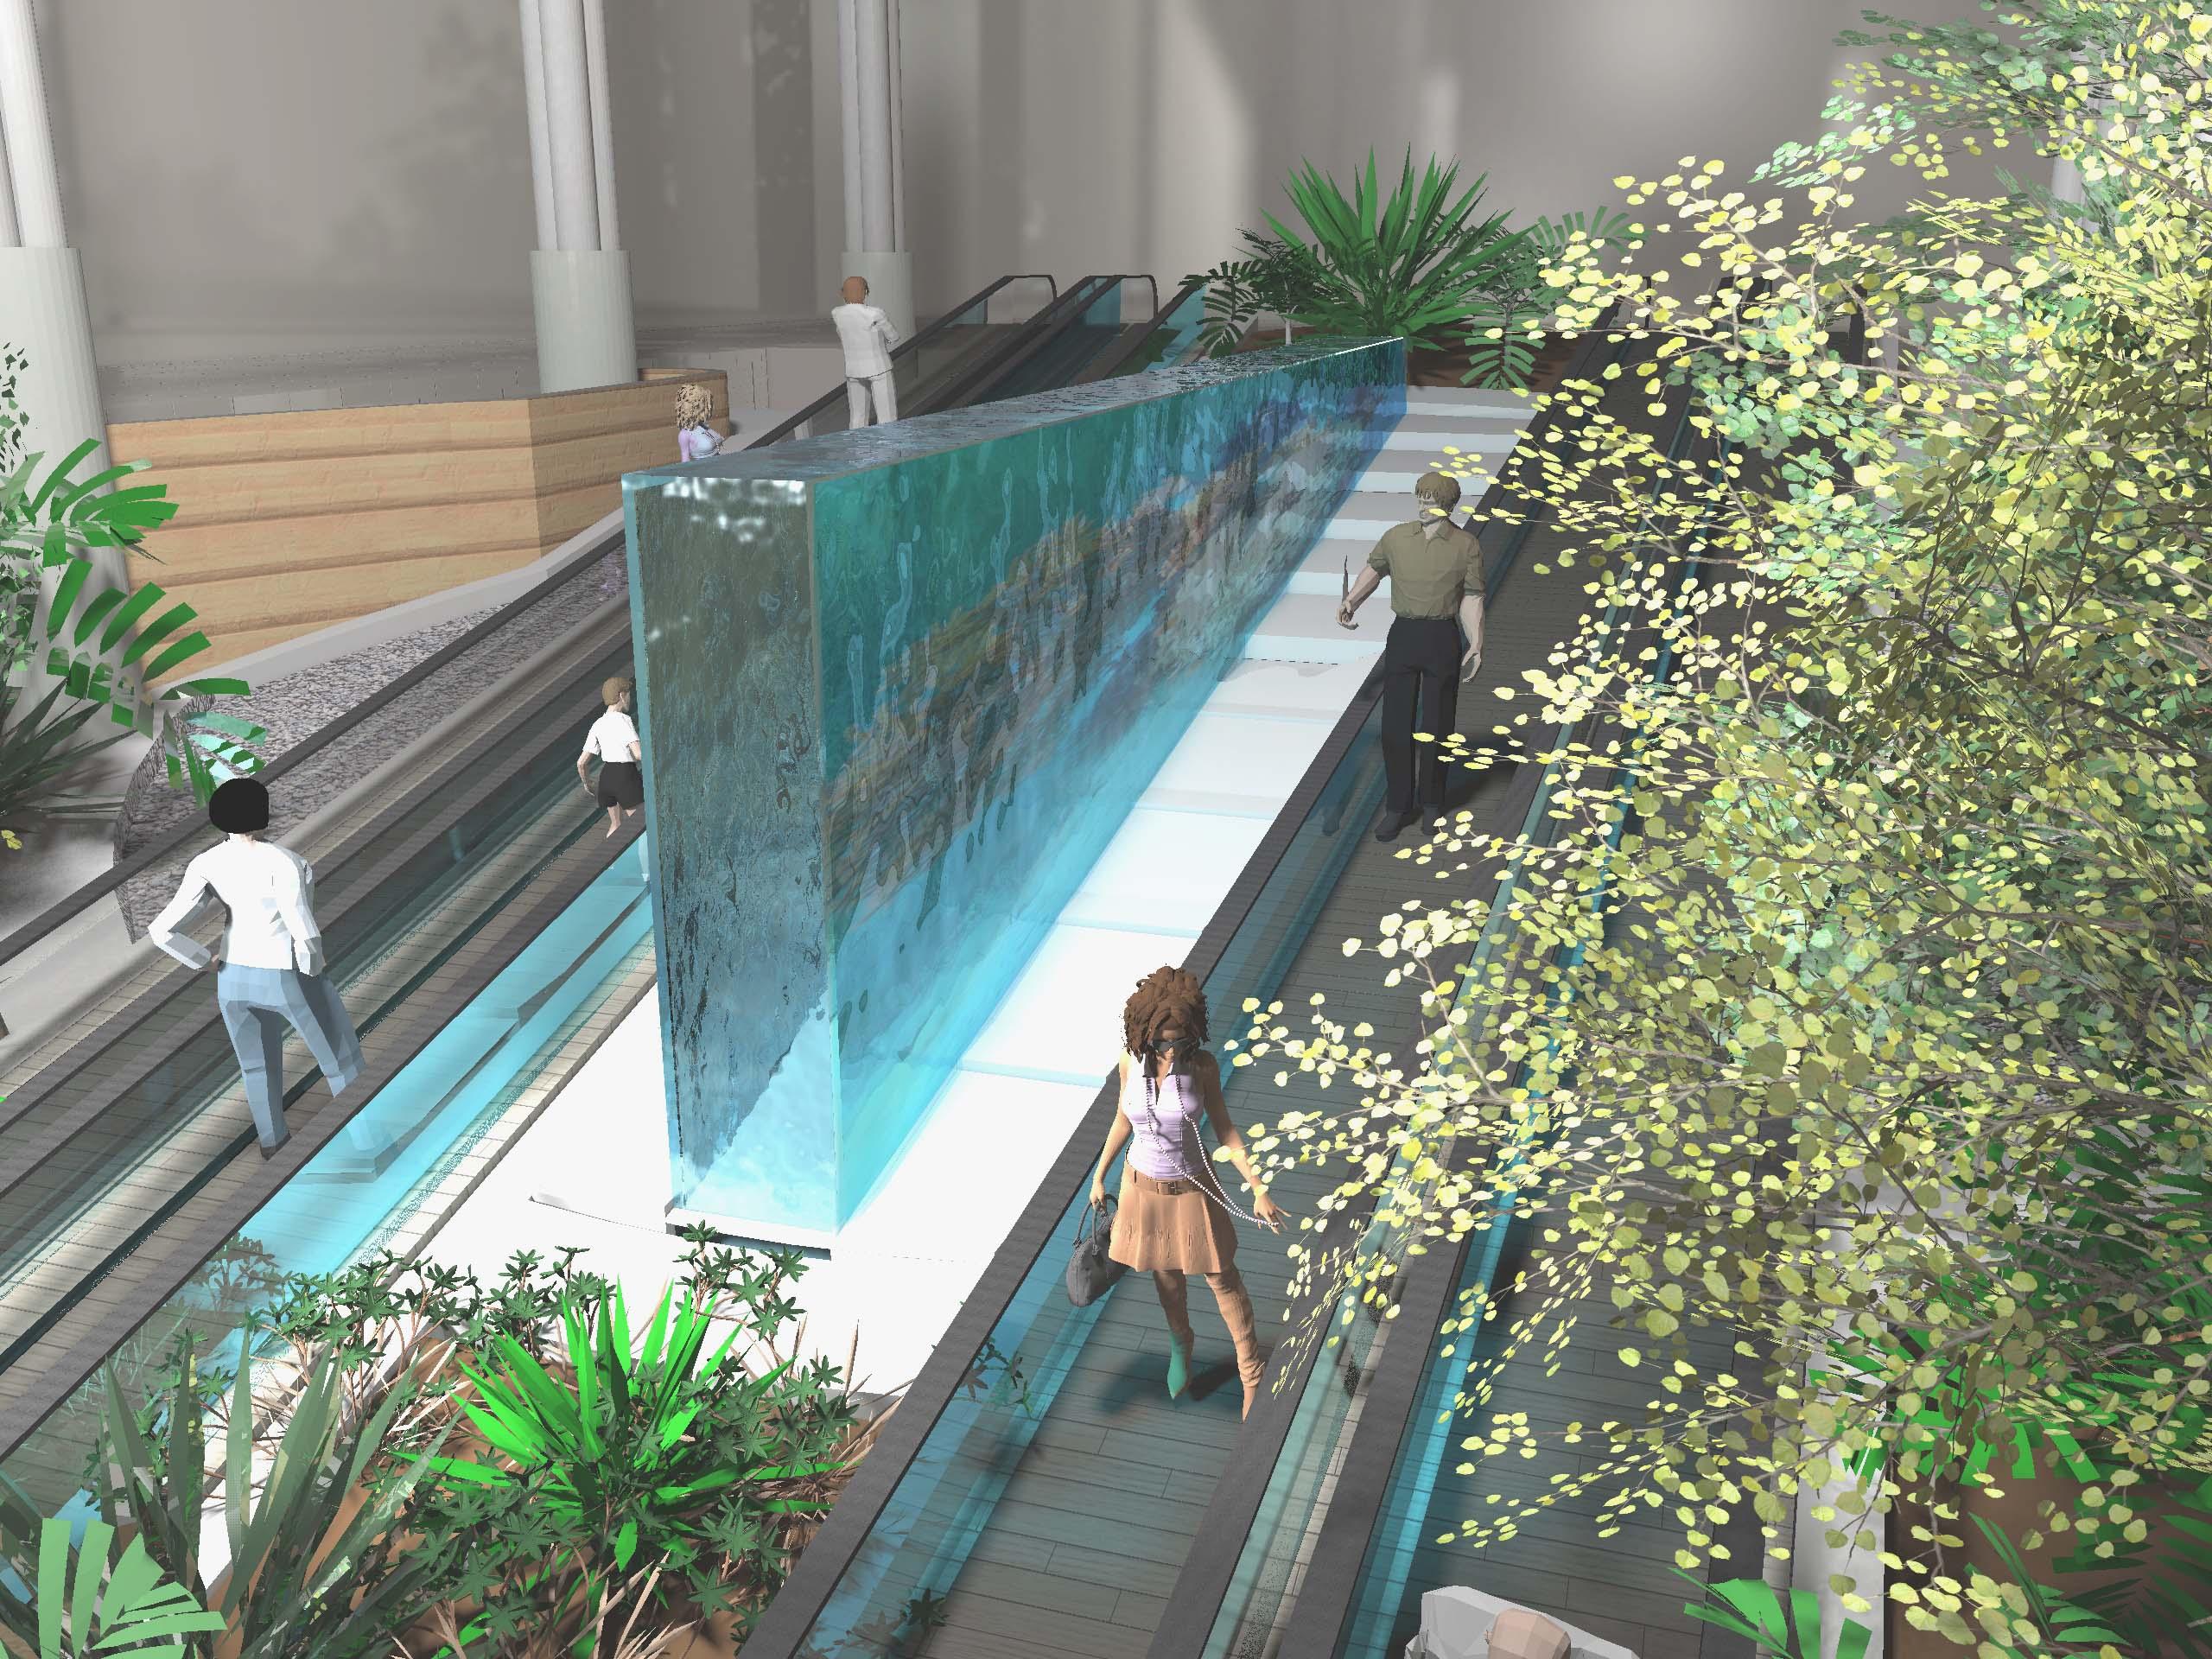 mur d eau dans un centre commercial. Black Bedroom Furniture Sets. Home Design Ideas